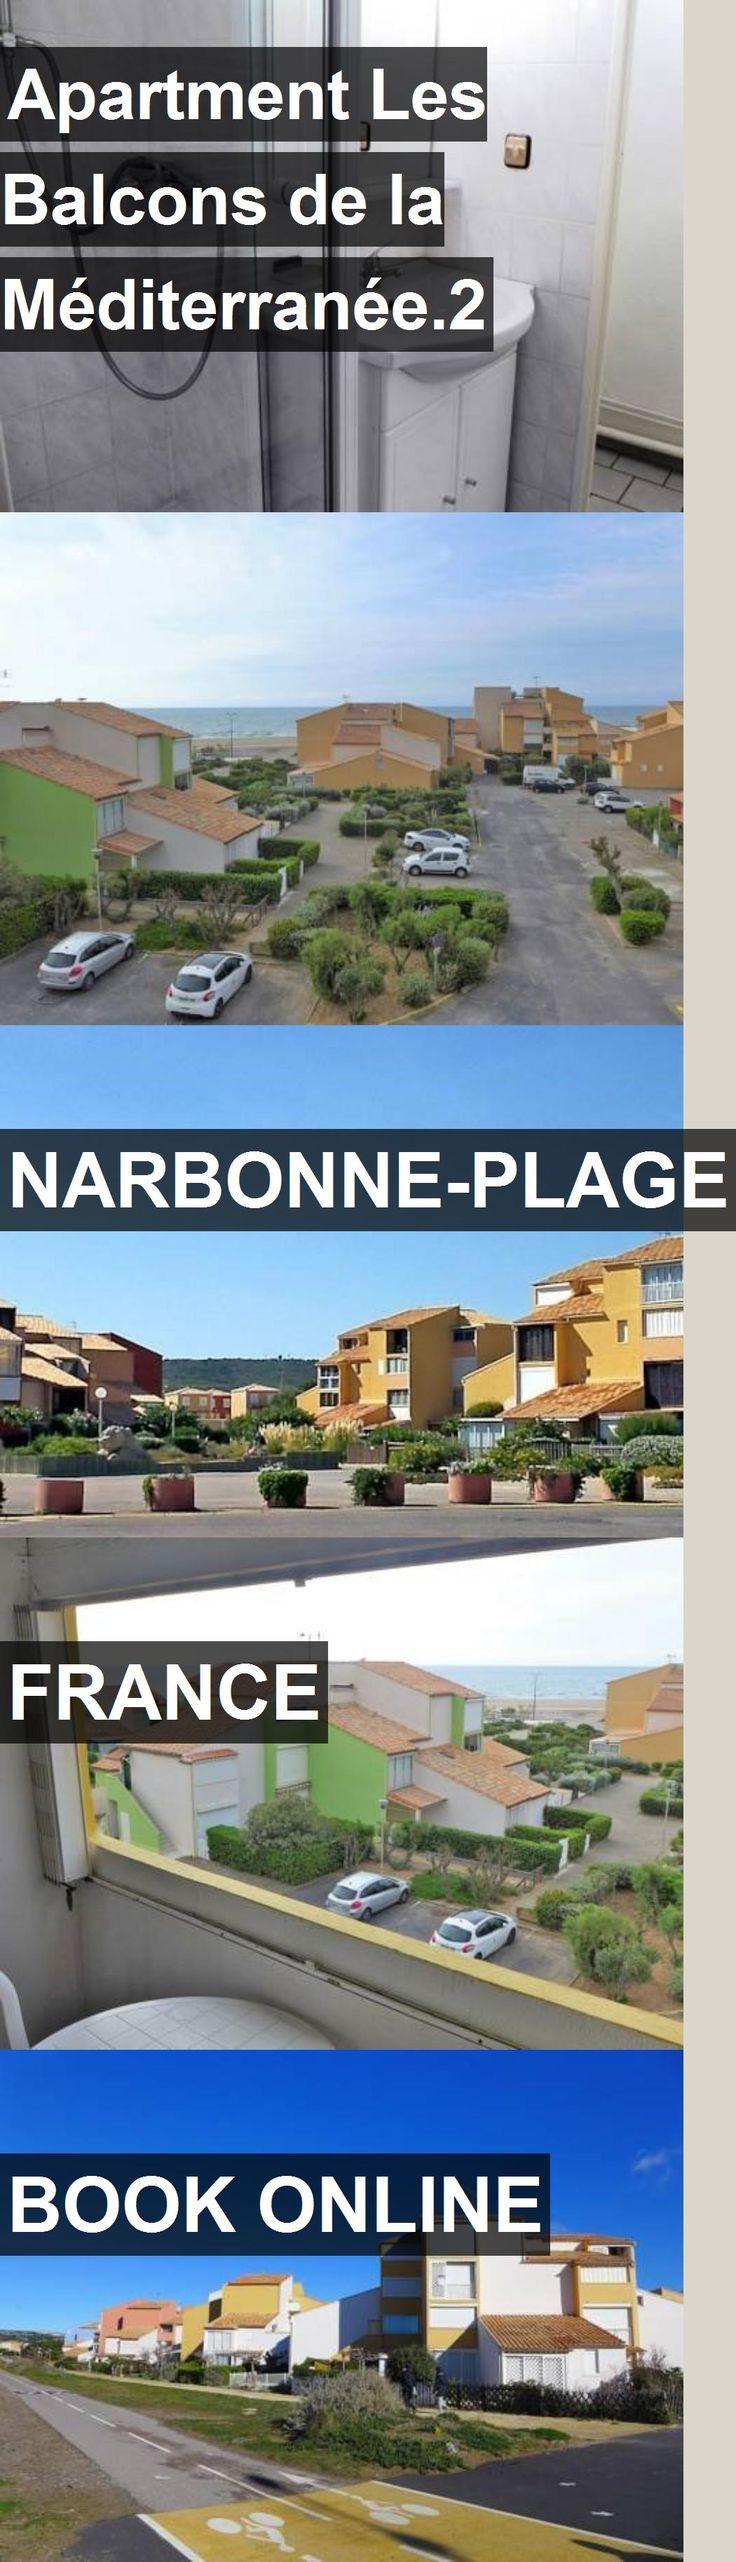 Apartment Les Balcons de la Méditerranée.2 in Narbonne-Plage, France. For more information, photos, reviews and best prices please follow the link. #France #Narbonne-Plage #travel #vacation #apartment